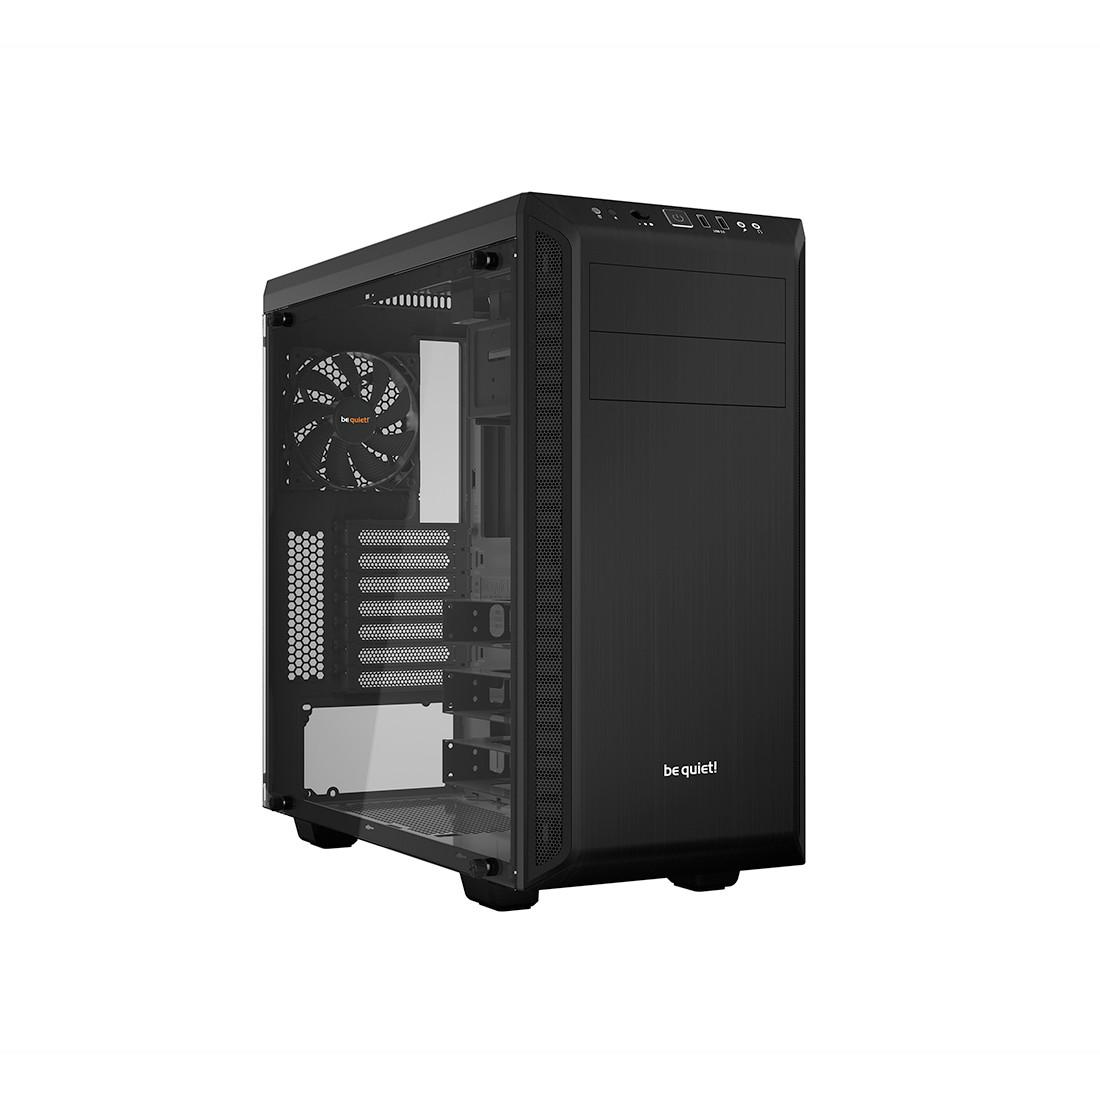 Компьютерный корпус Bequiet Pure Base 600 Window Black